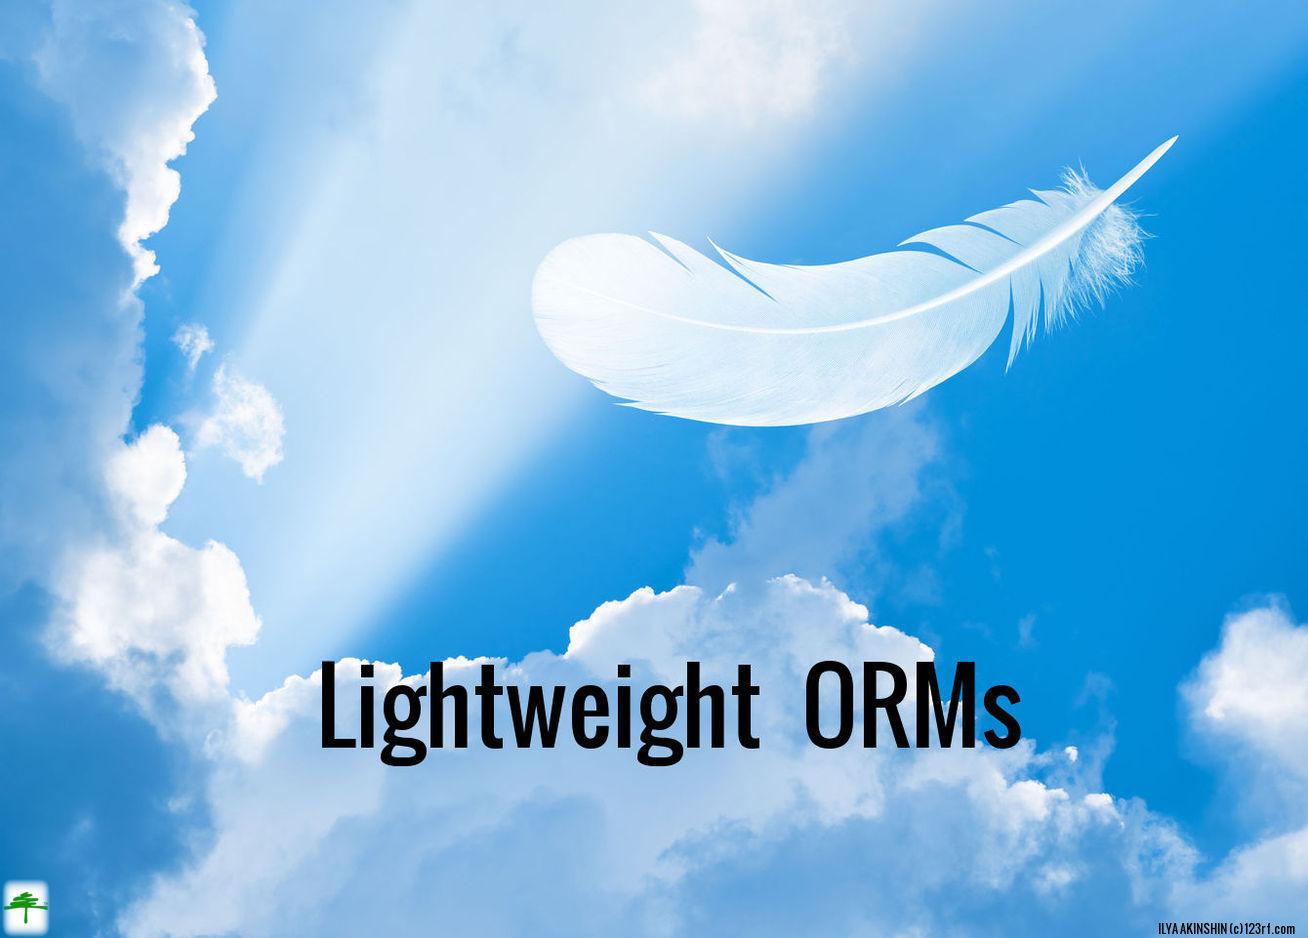 Lightweight ORM